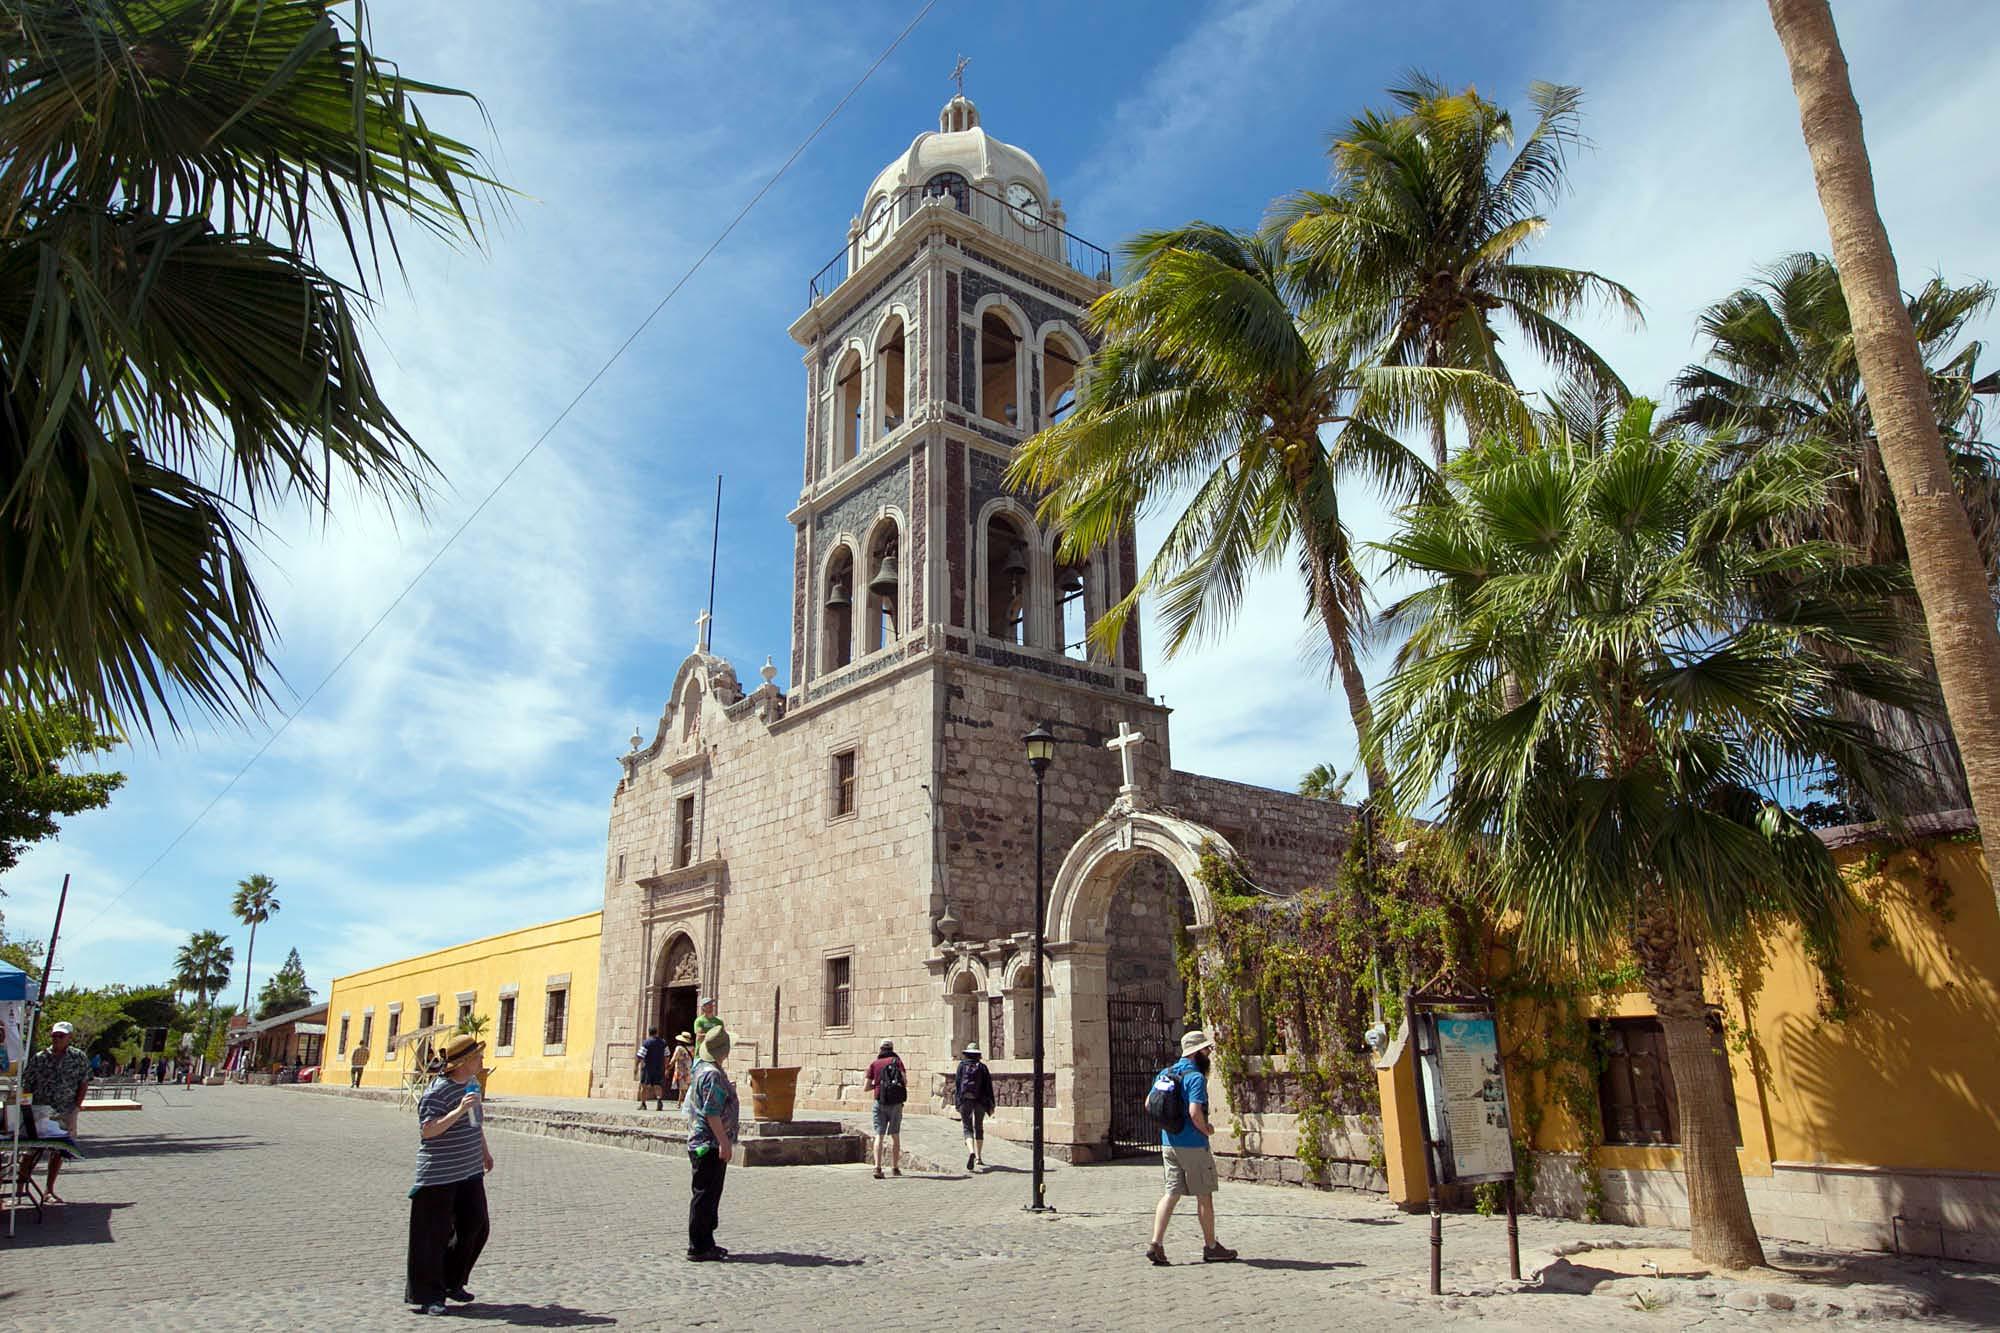 Mission of Nuestra Senora de Loreto Concho